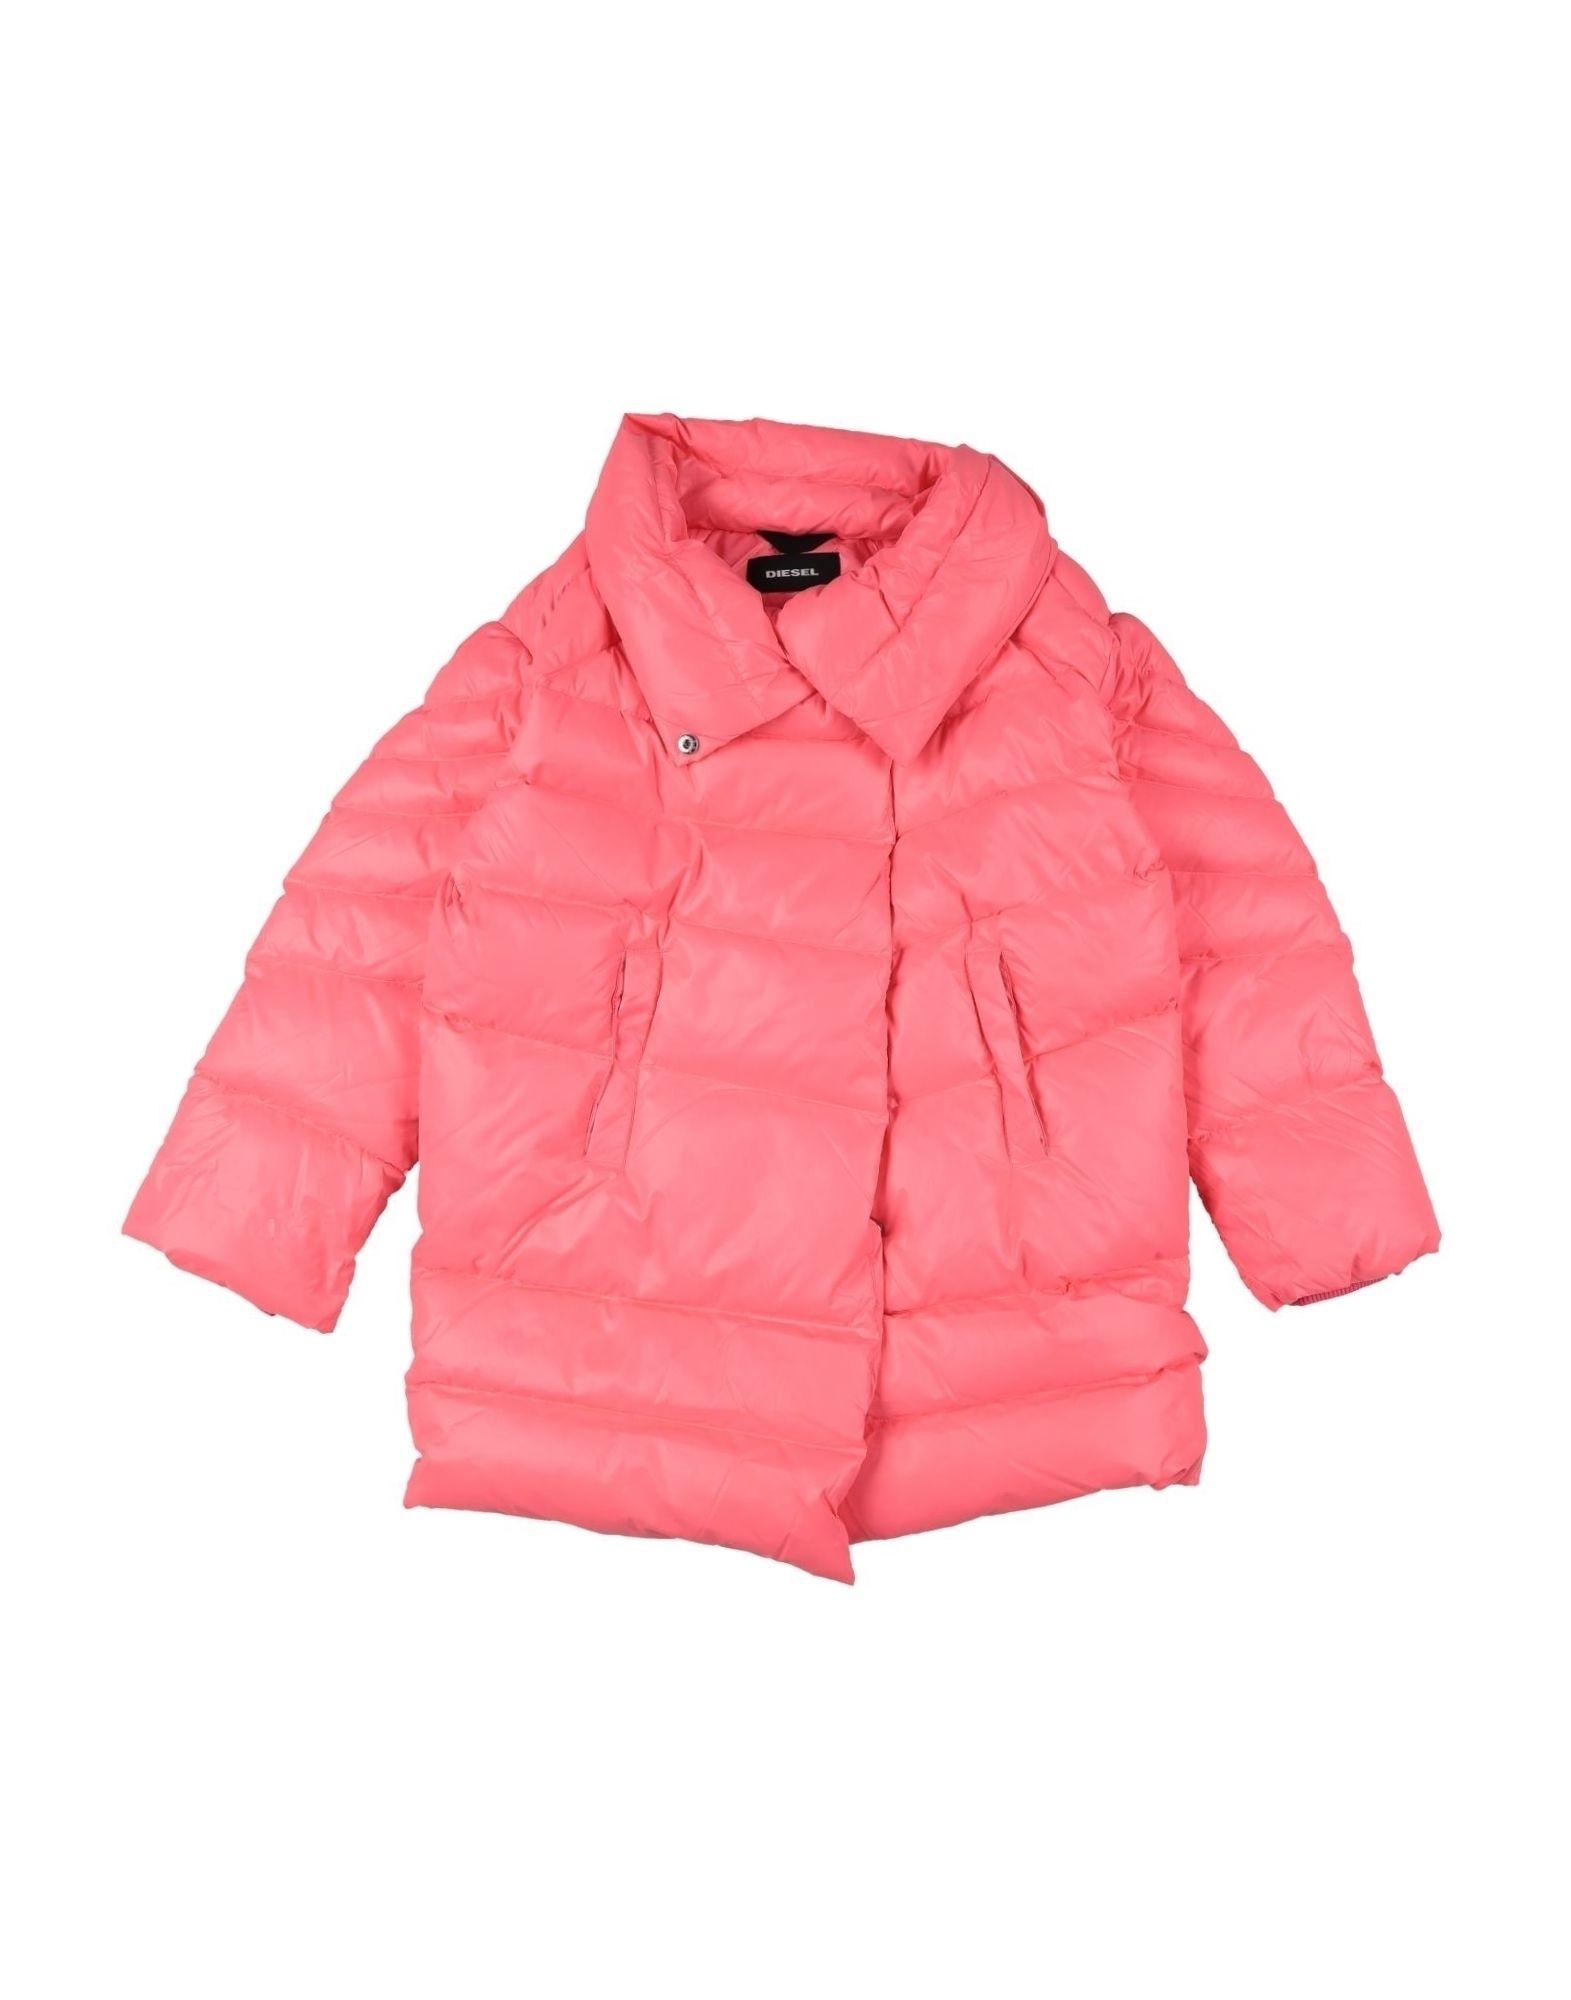 DIESEL Down jackets - Item 41950702